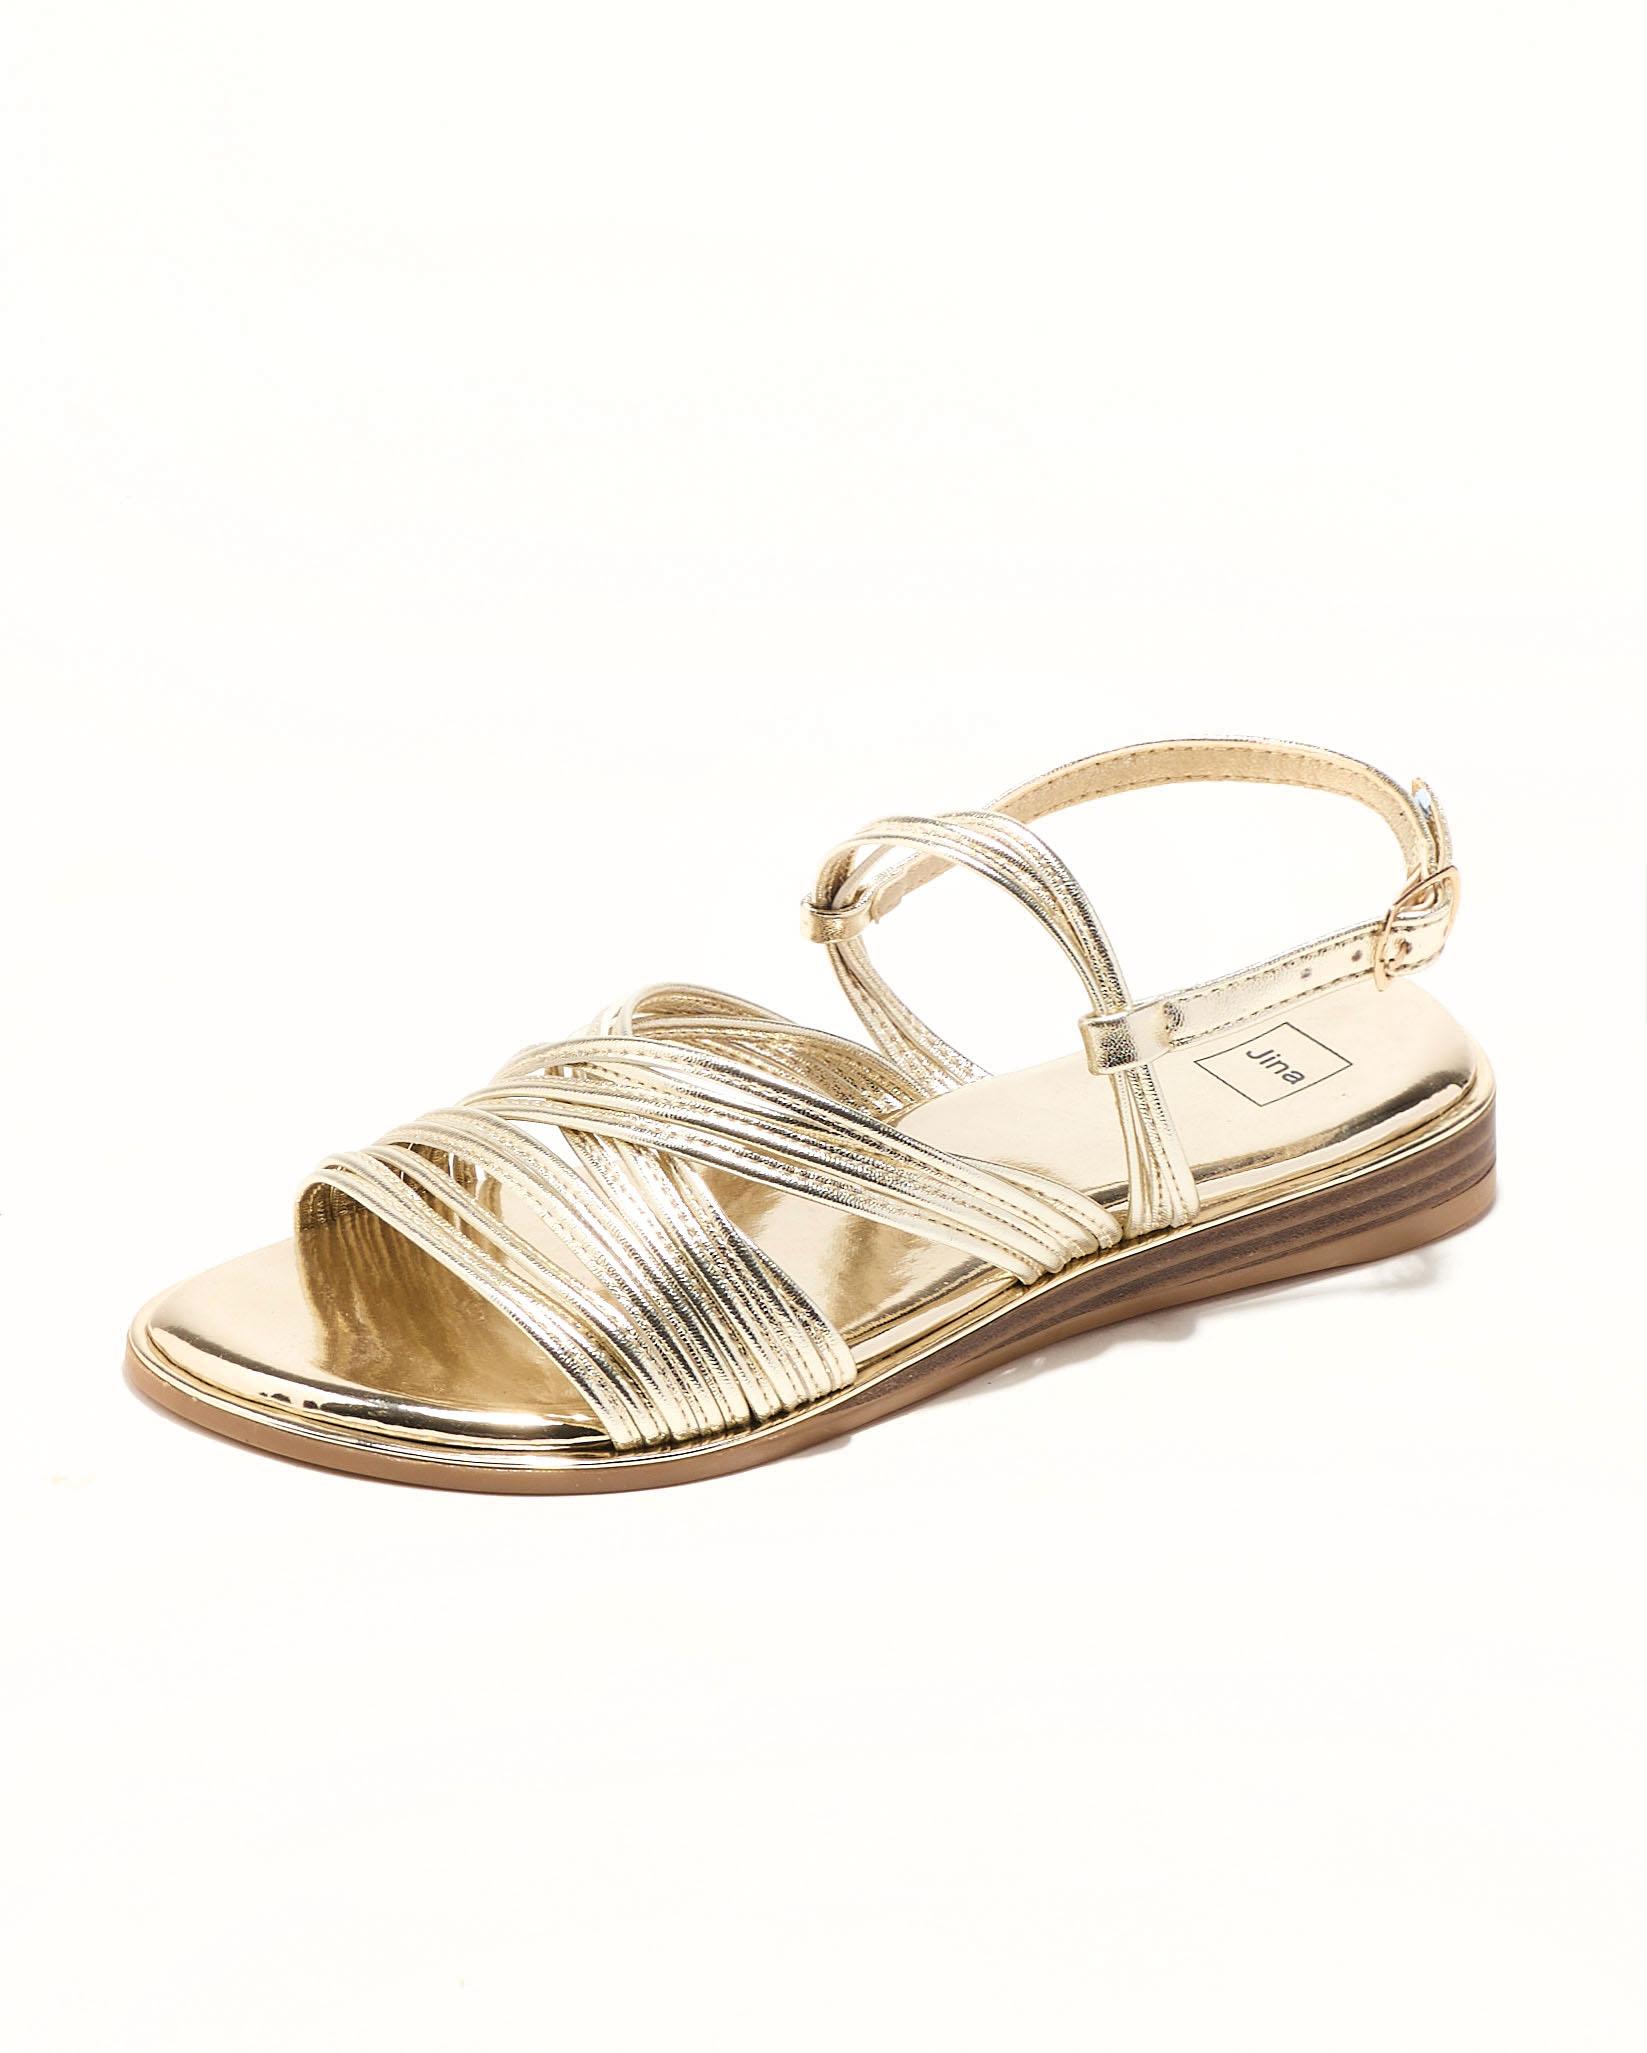 Sandales Plates Femme - Sandale Plate Or Jina - Fs073042